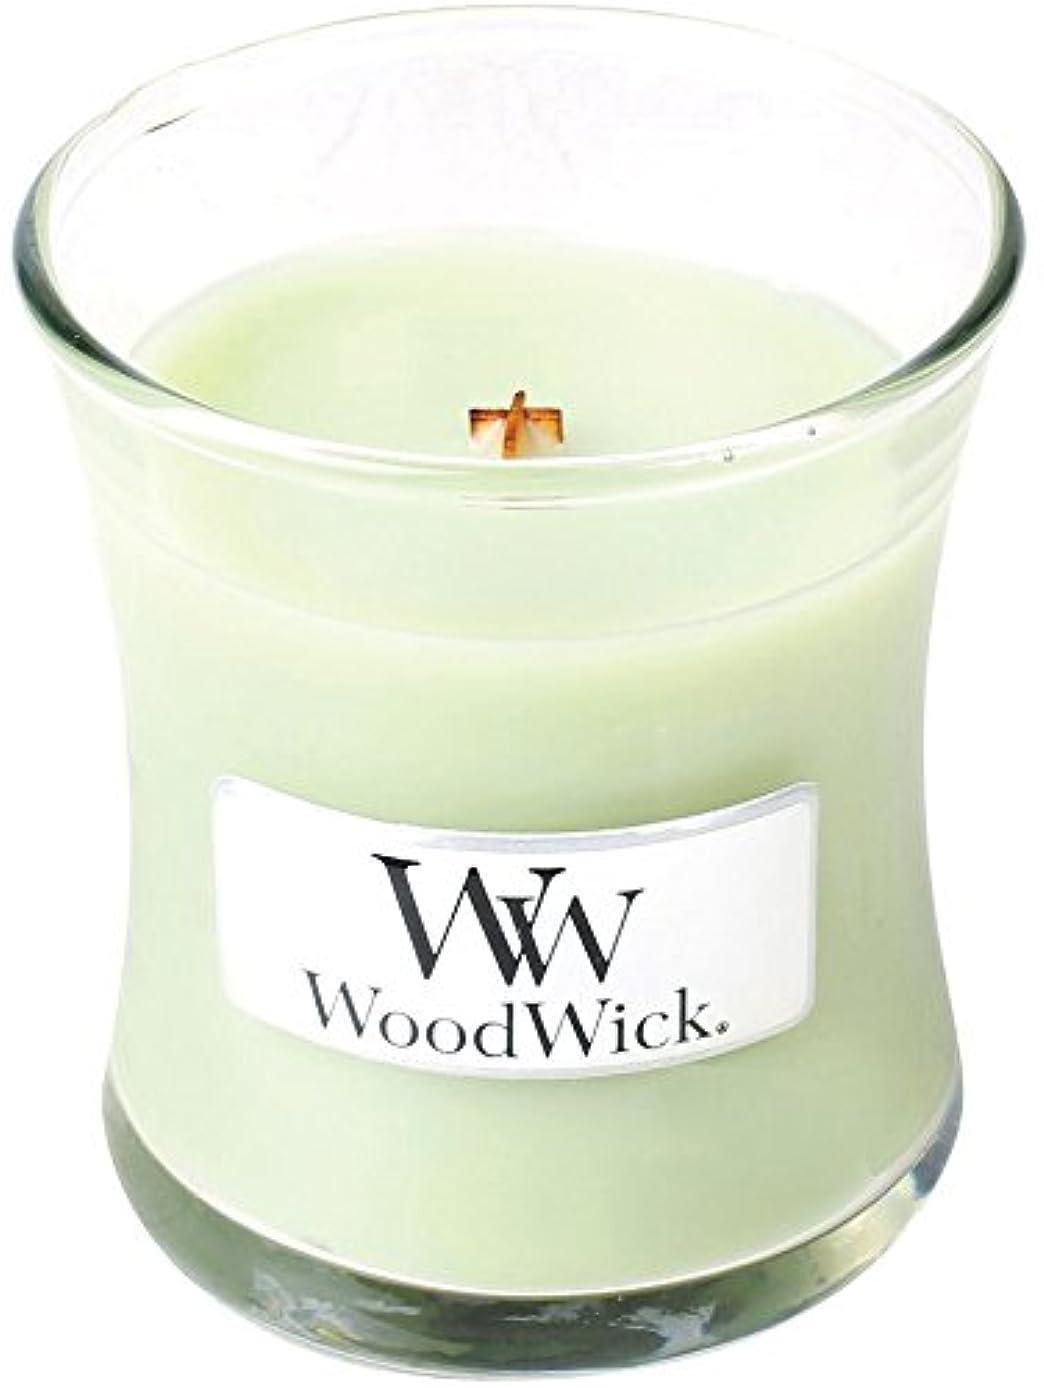 震える消防士パスWood Wick ウッドウィック ジャーキャンドルSサイズ ライムジェラー